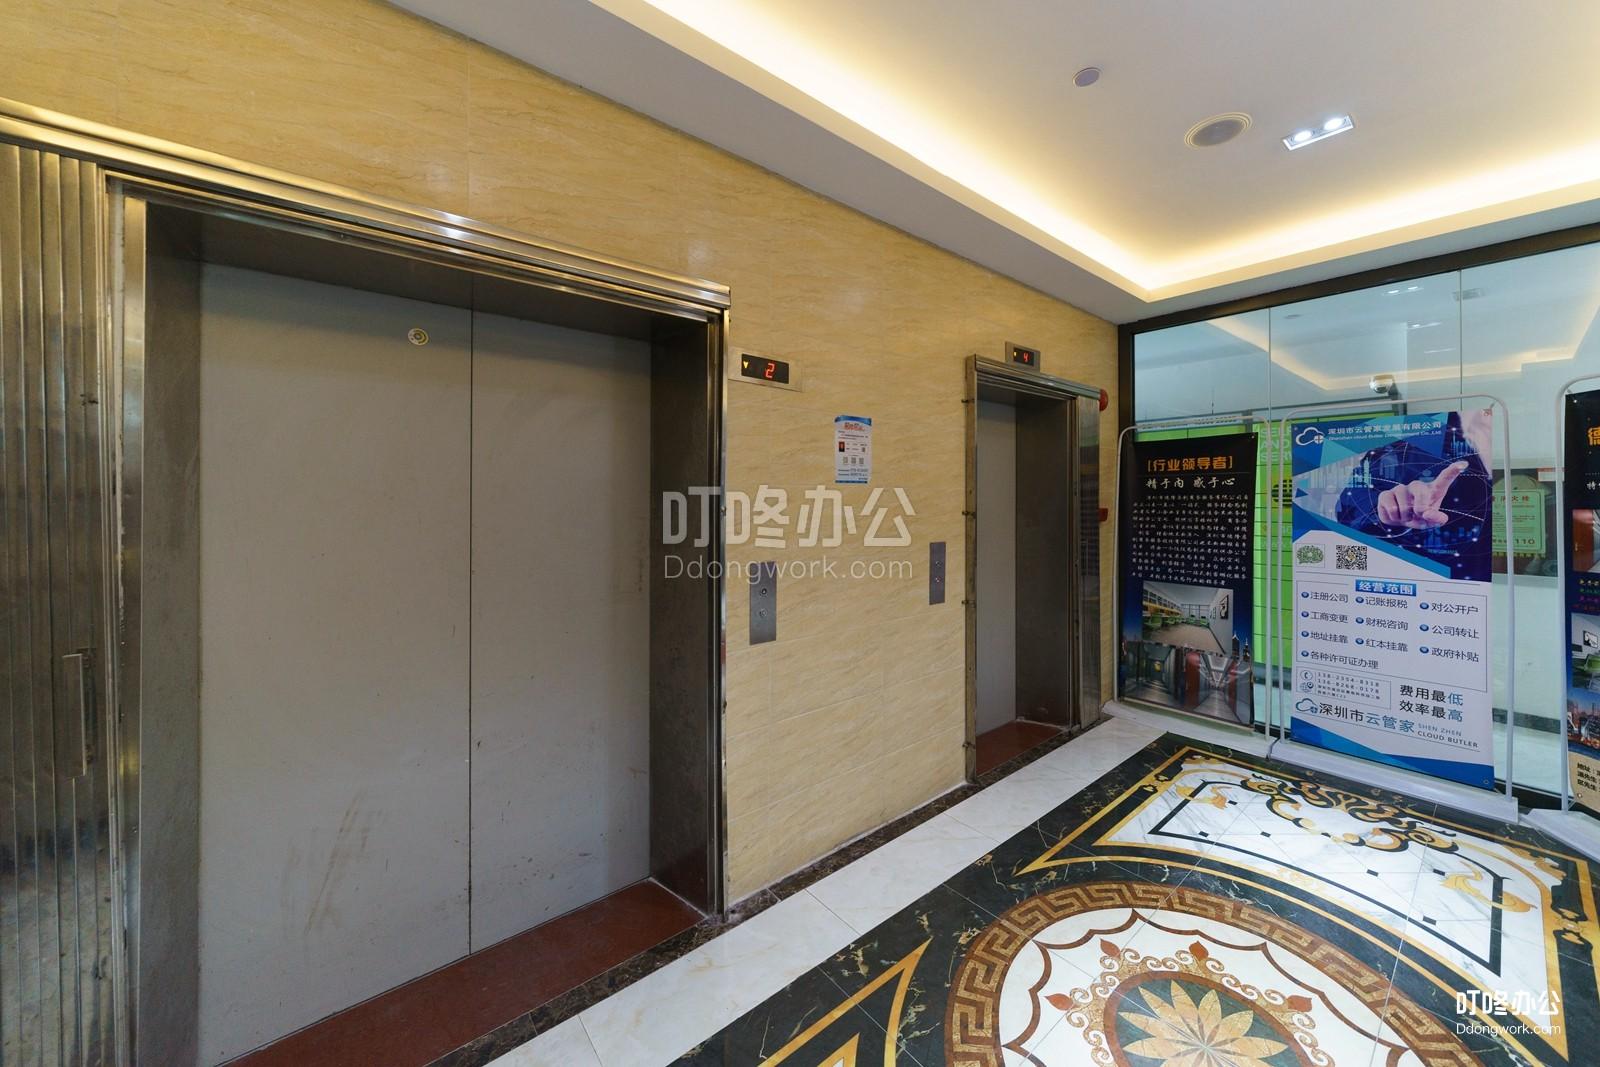 德隆启创商务中心走廊